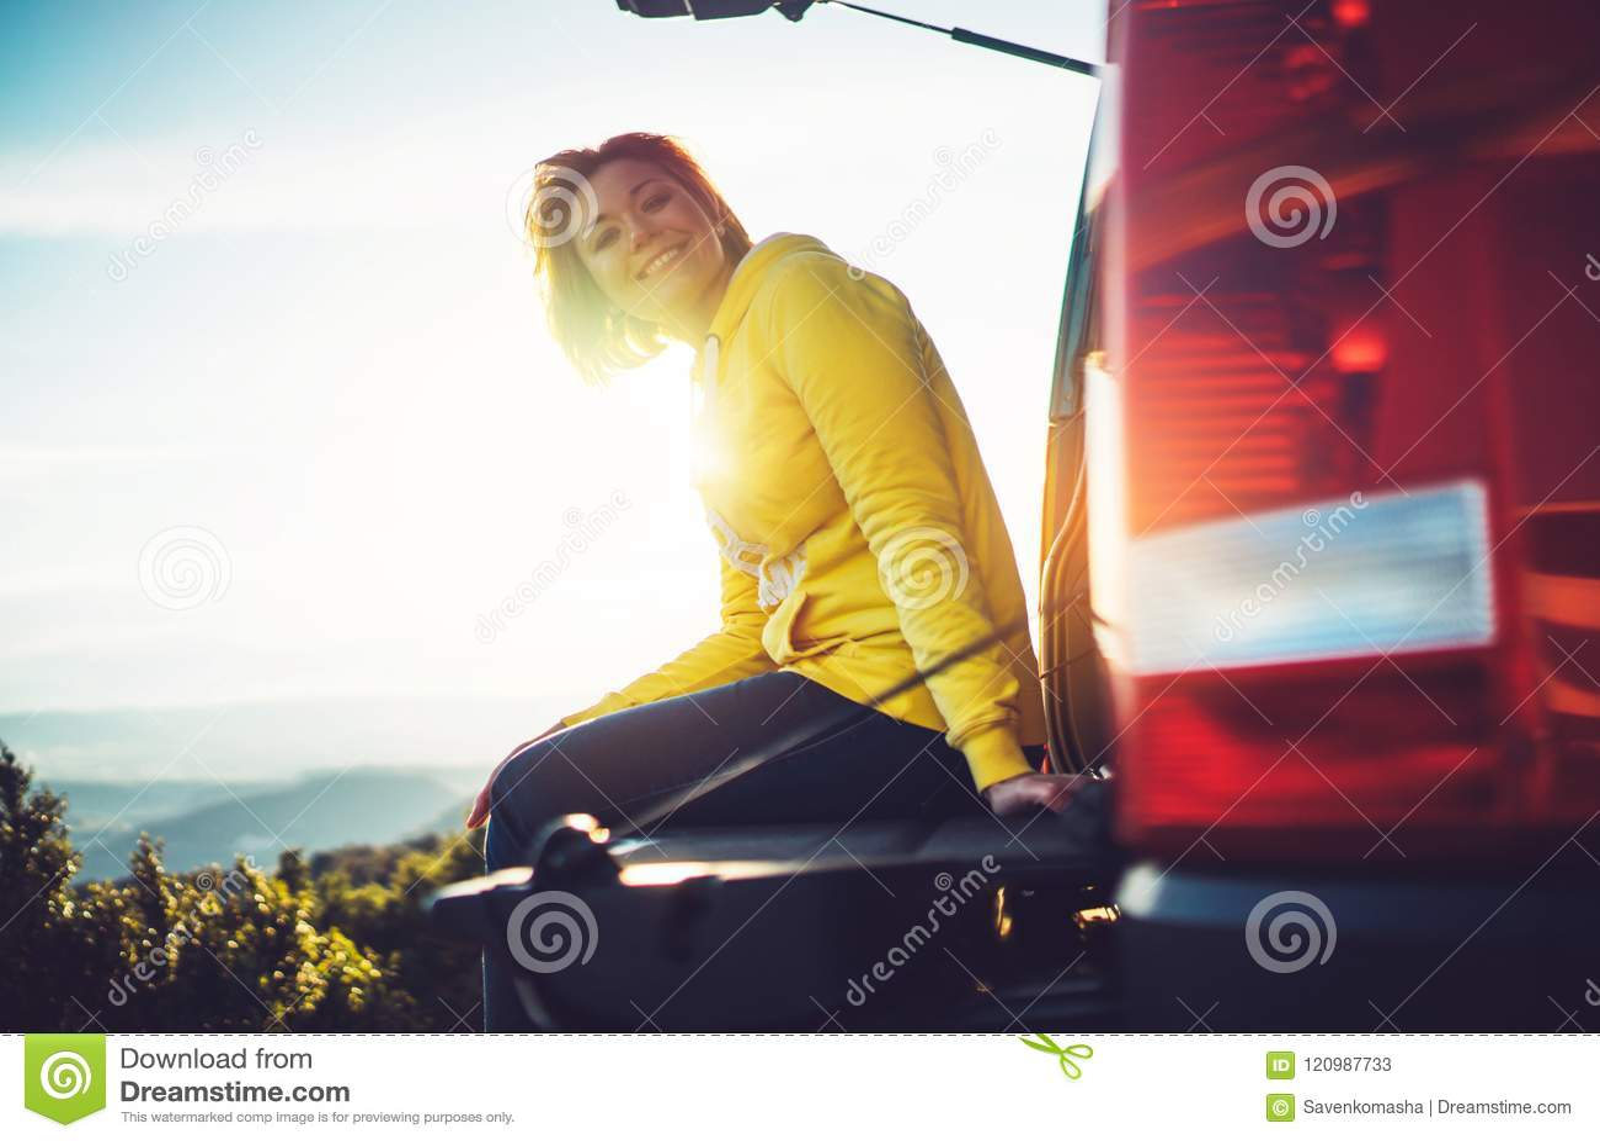 Le voyageur de touristes voyageant dans la voiture sur le dessus vert sur la montagne, jeune fille sourit heureusement contre le